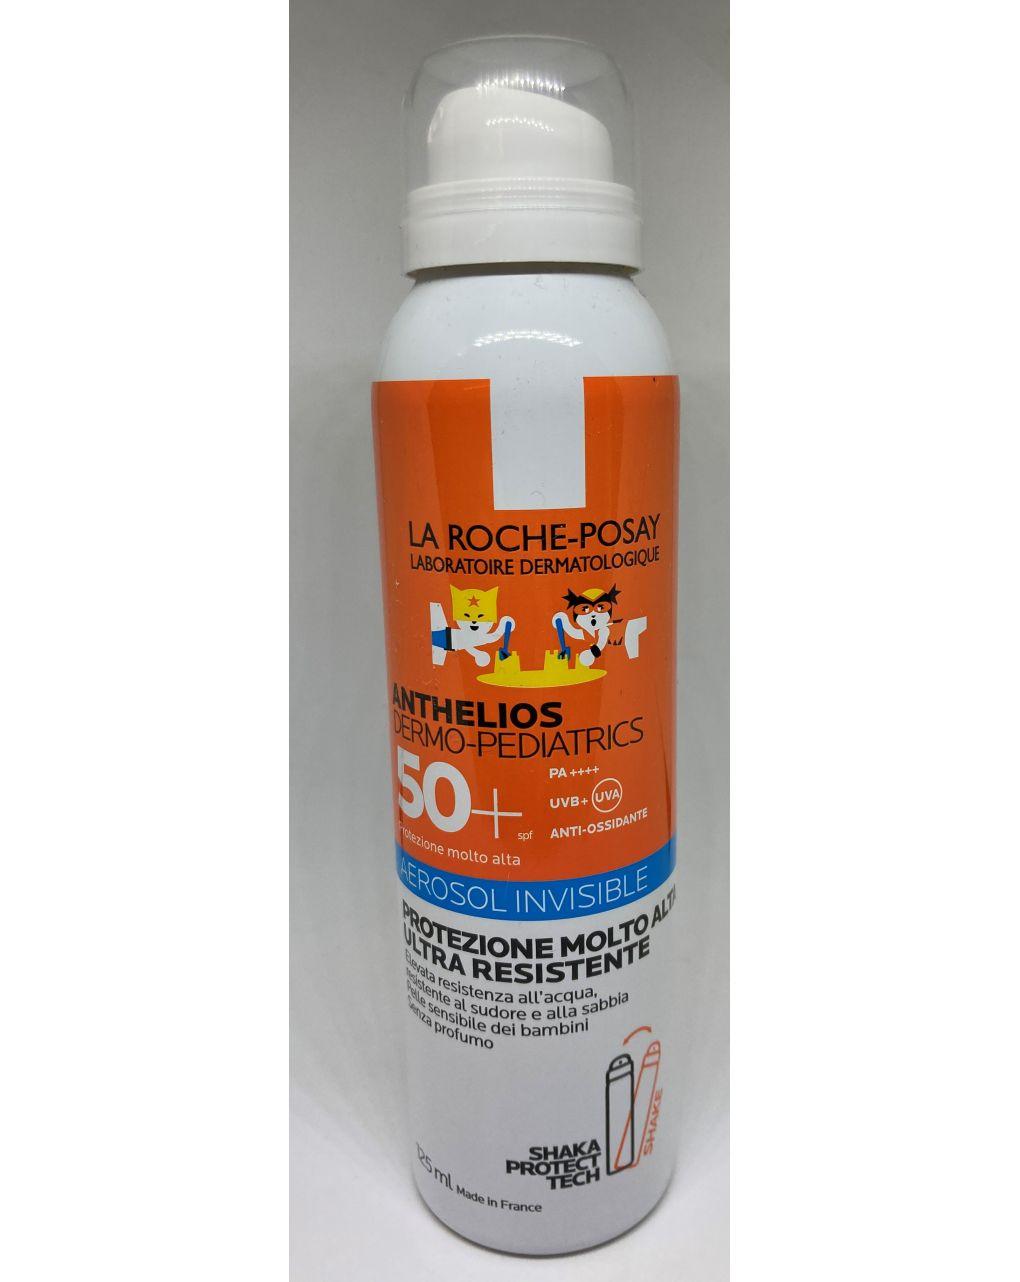 Solare la roche posay anthelios dermo-pediatrics  aerosol invisible 50+ 125 ml - La Roche Posay